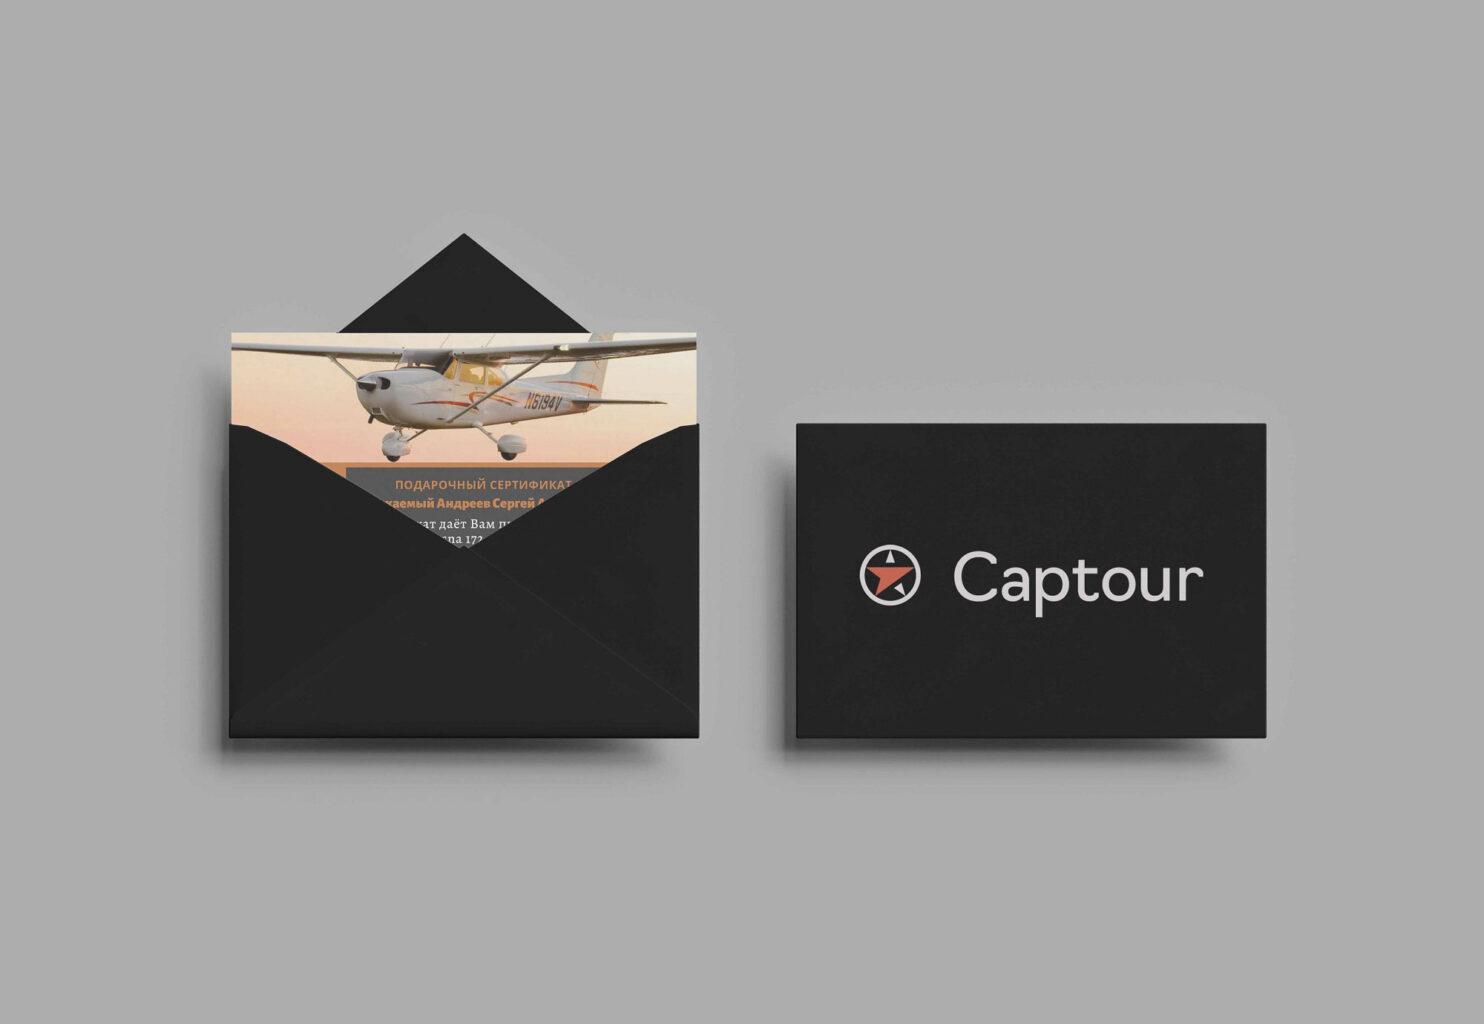 """Подарочный сертификат на полет на самолете Cessna 172 от компании """"Captour"""""""